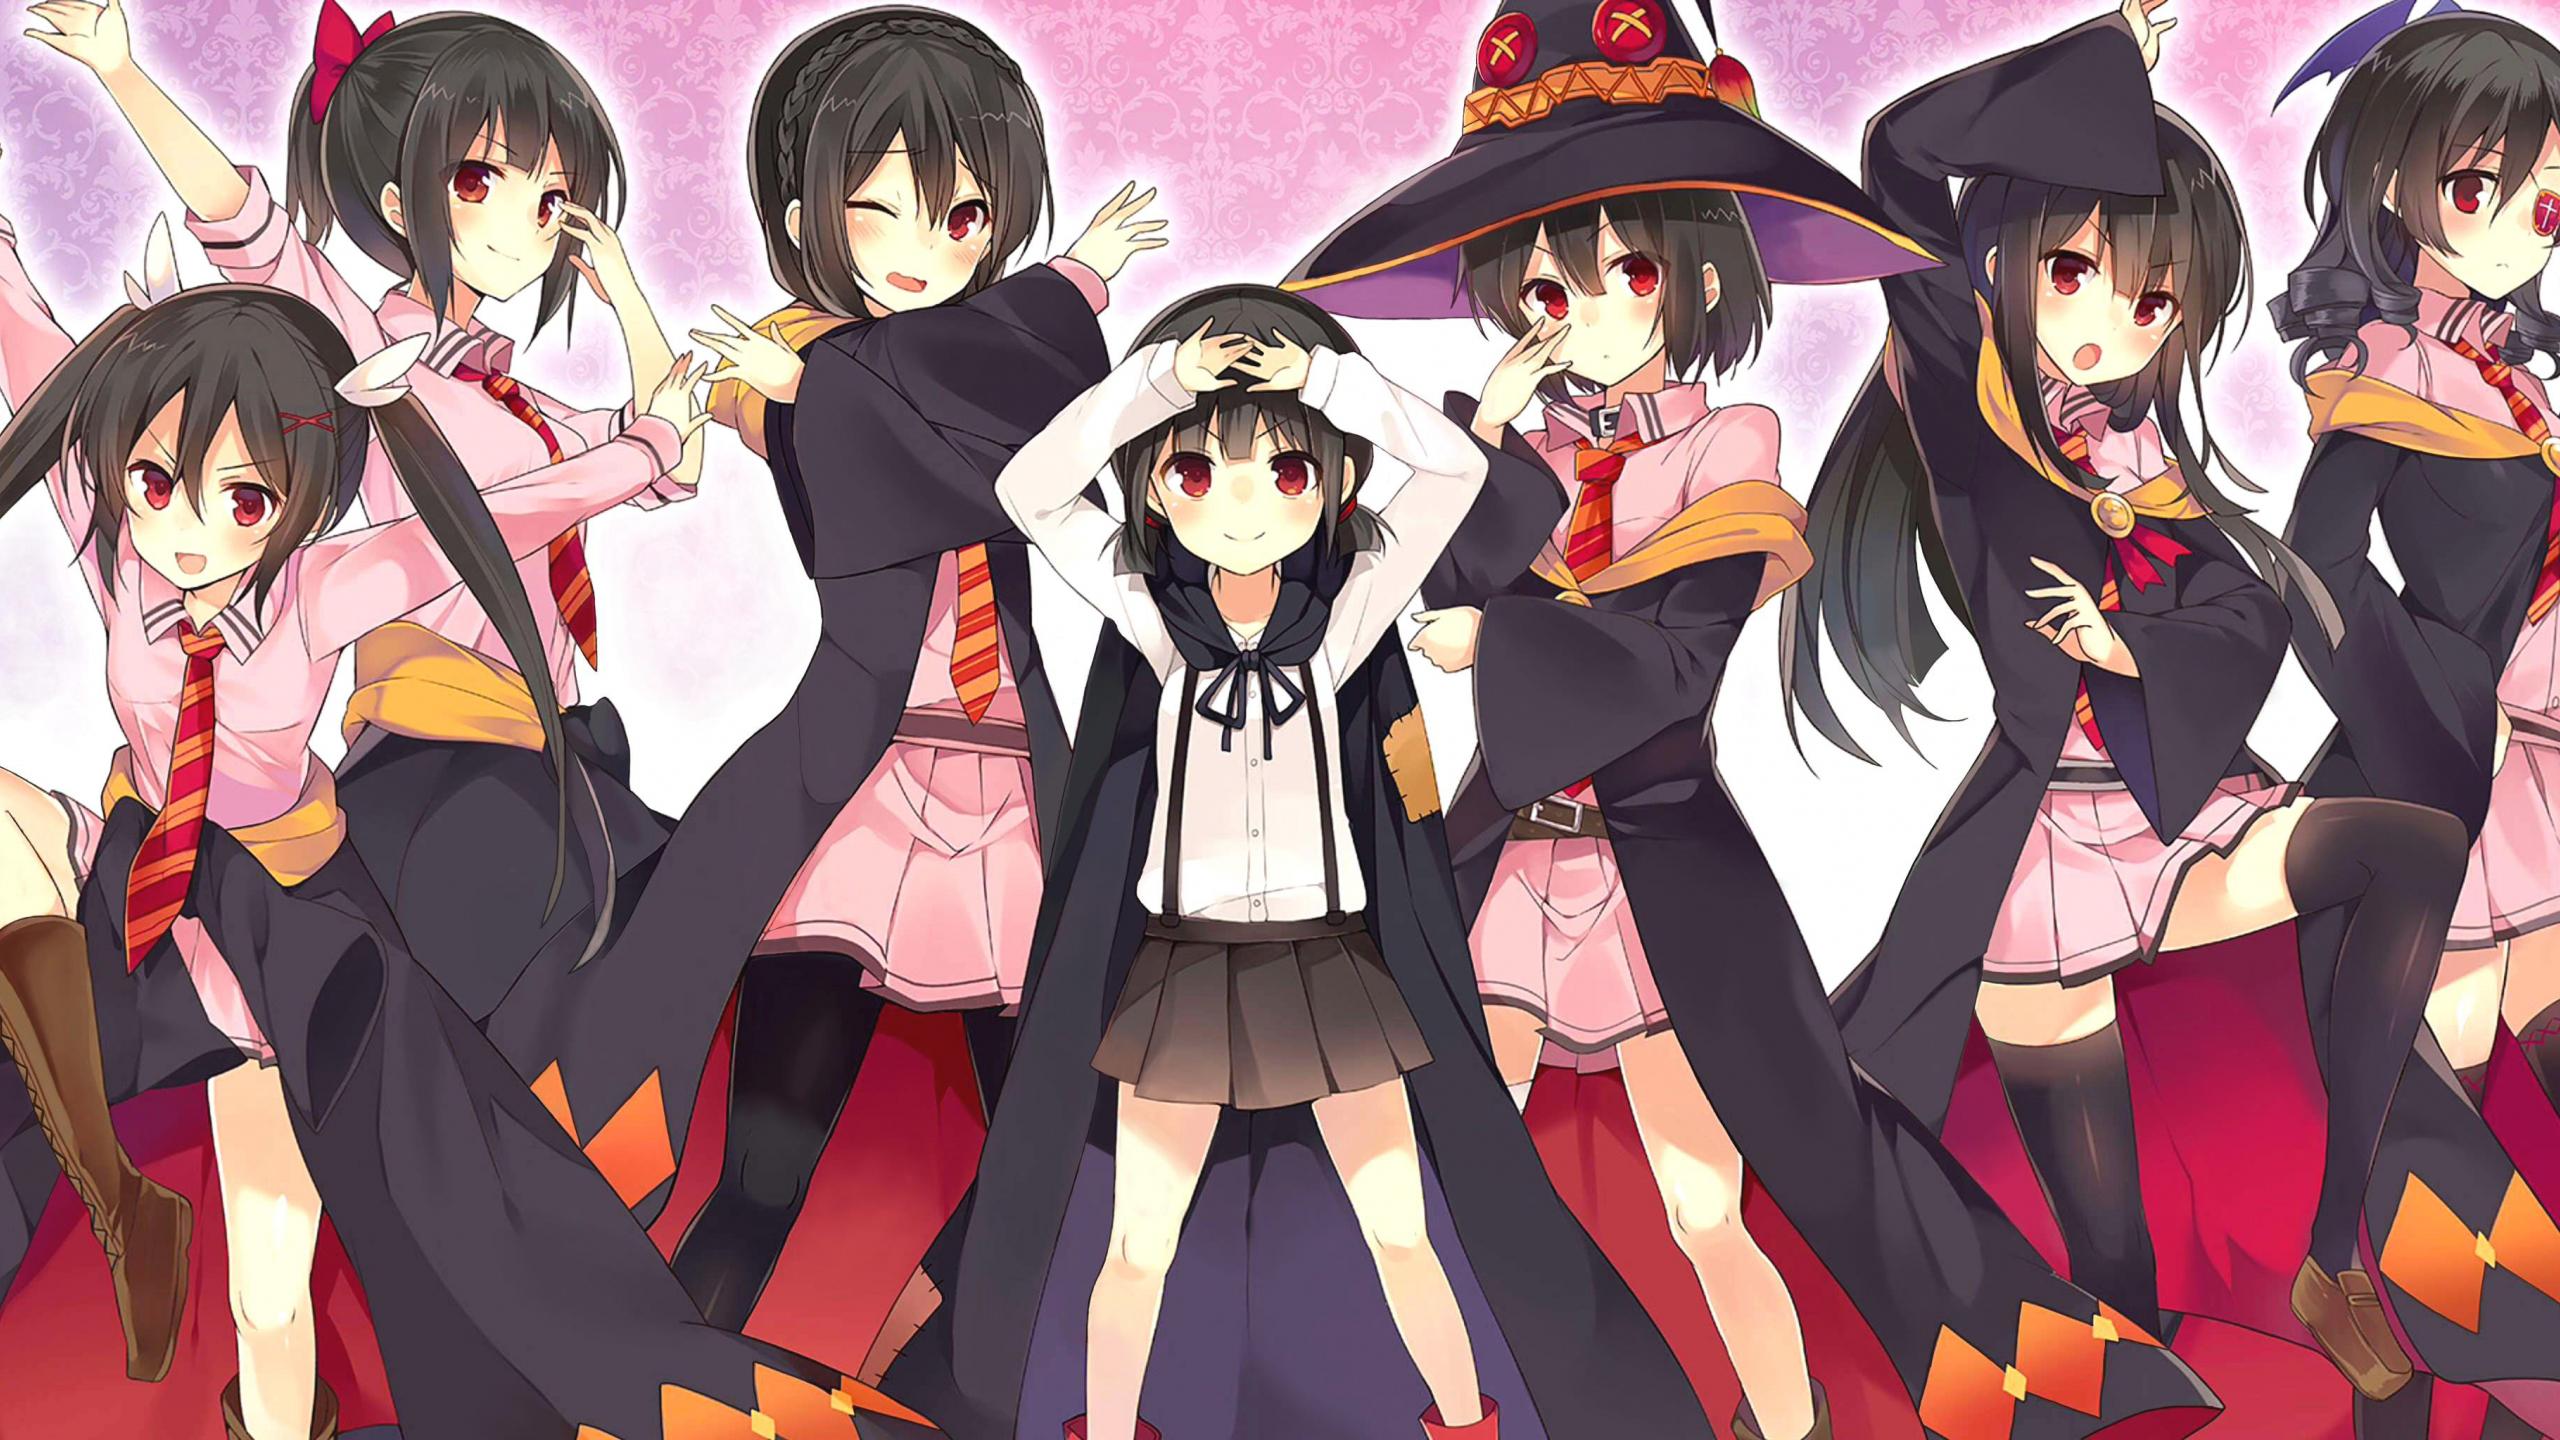 Download 2560x1440 Wallpaper Anime Girls Kono Subarashii Sekai Ni